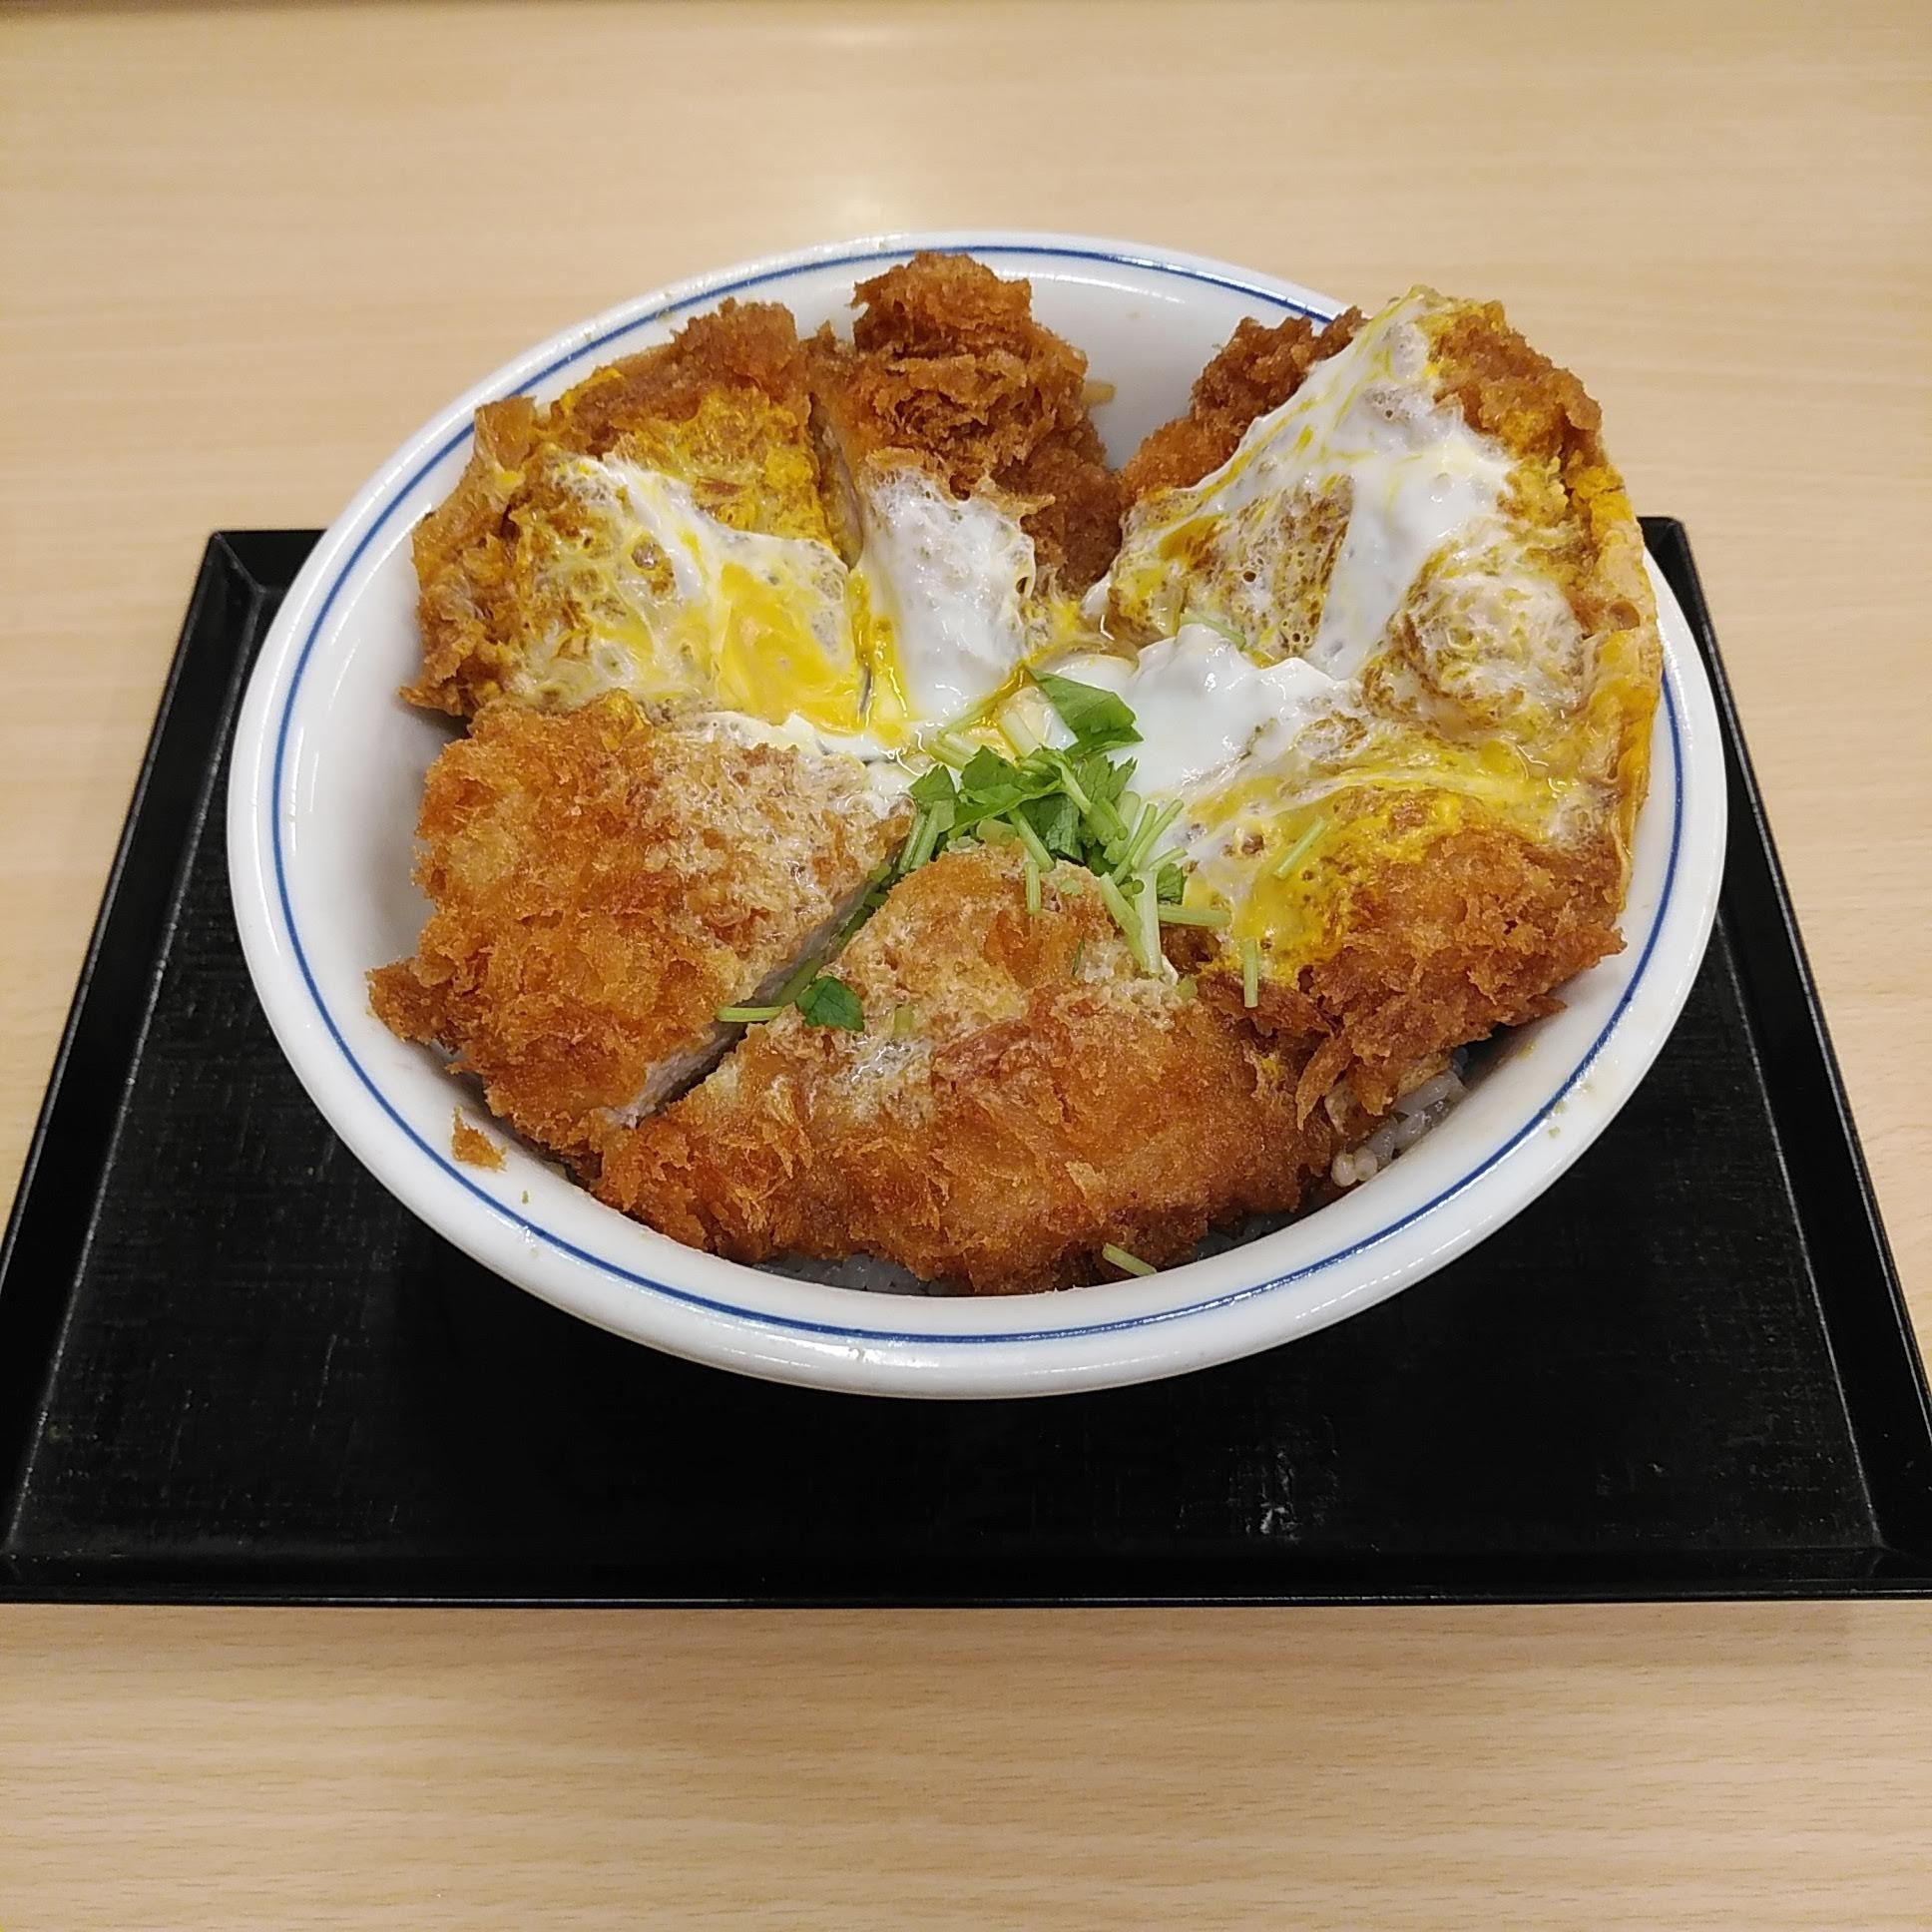 ヒレカツ丼